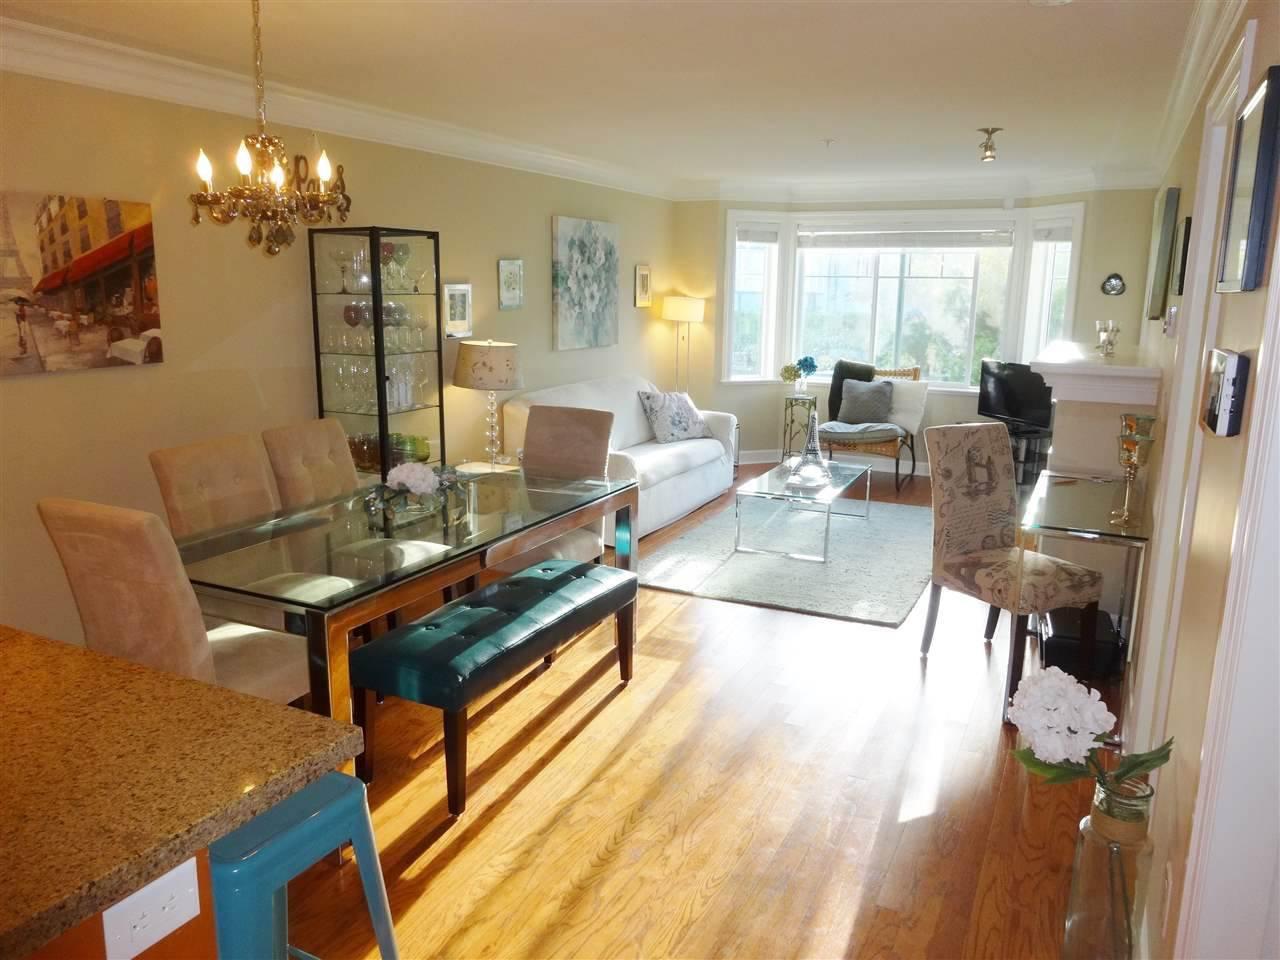 Main Photo: 206 15357 ROPER AVENUE: White Rock Condo for sale (South Surrey White Rock)  : MLS®# R2342552